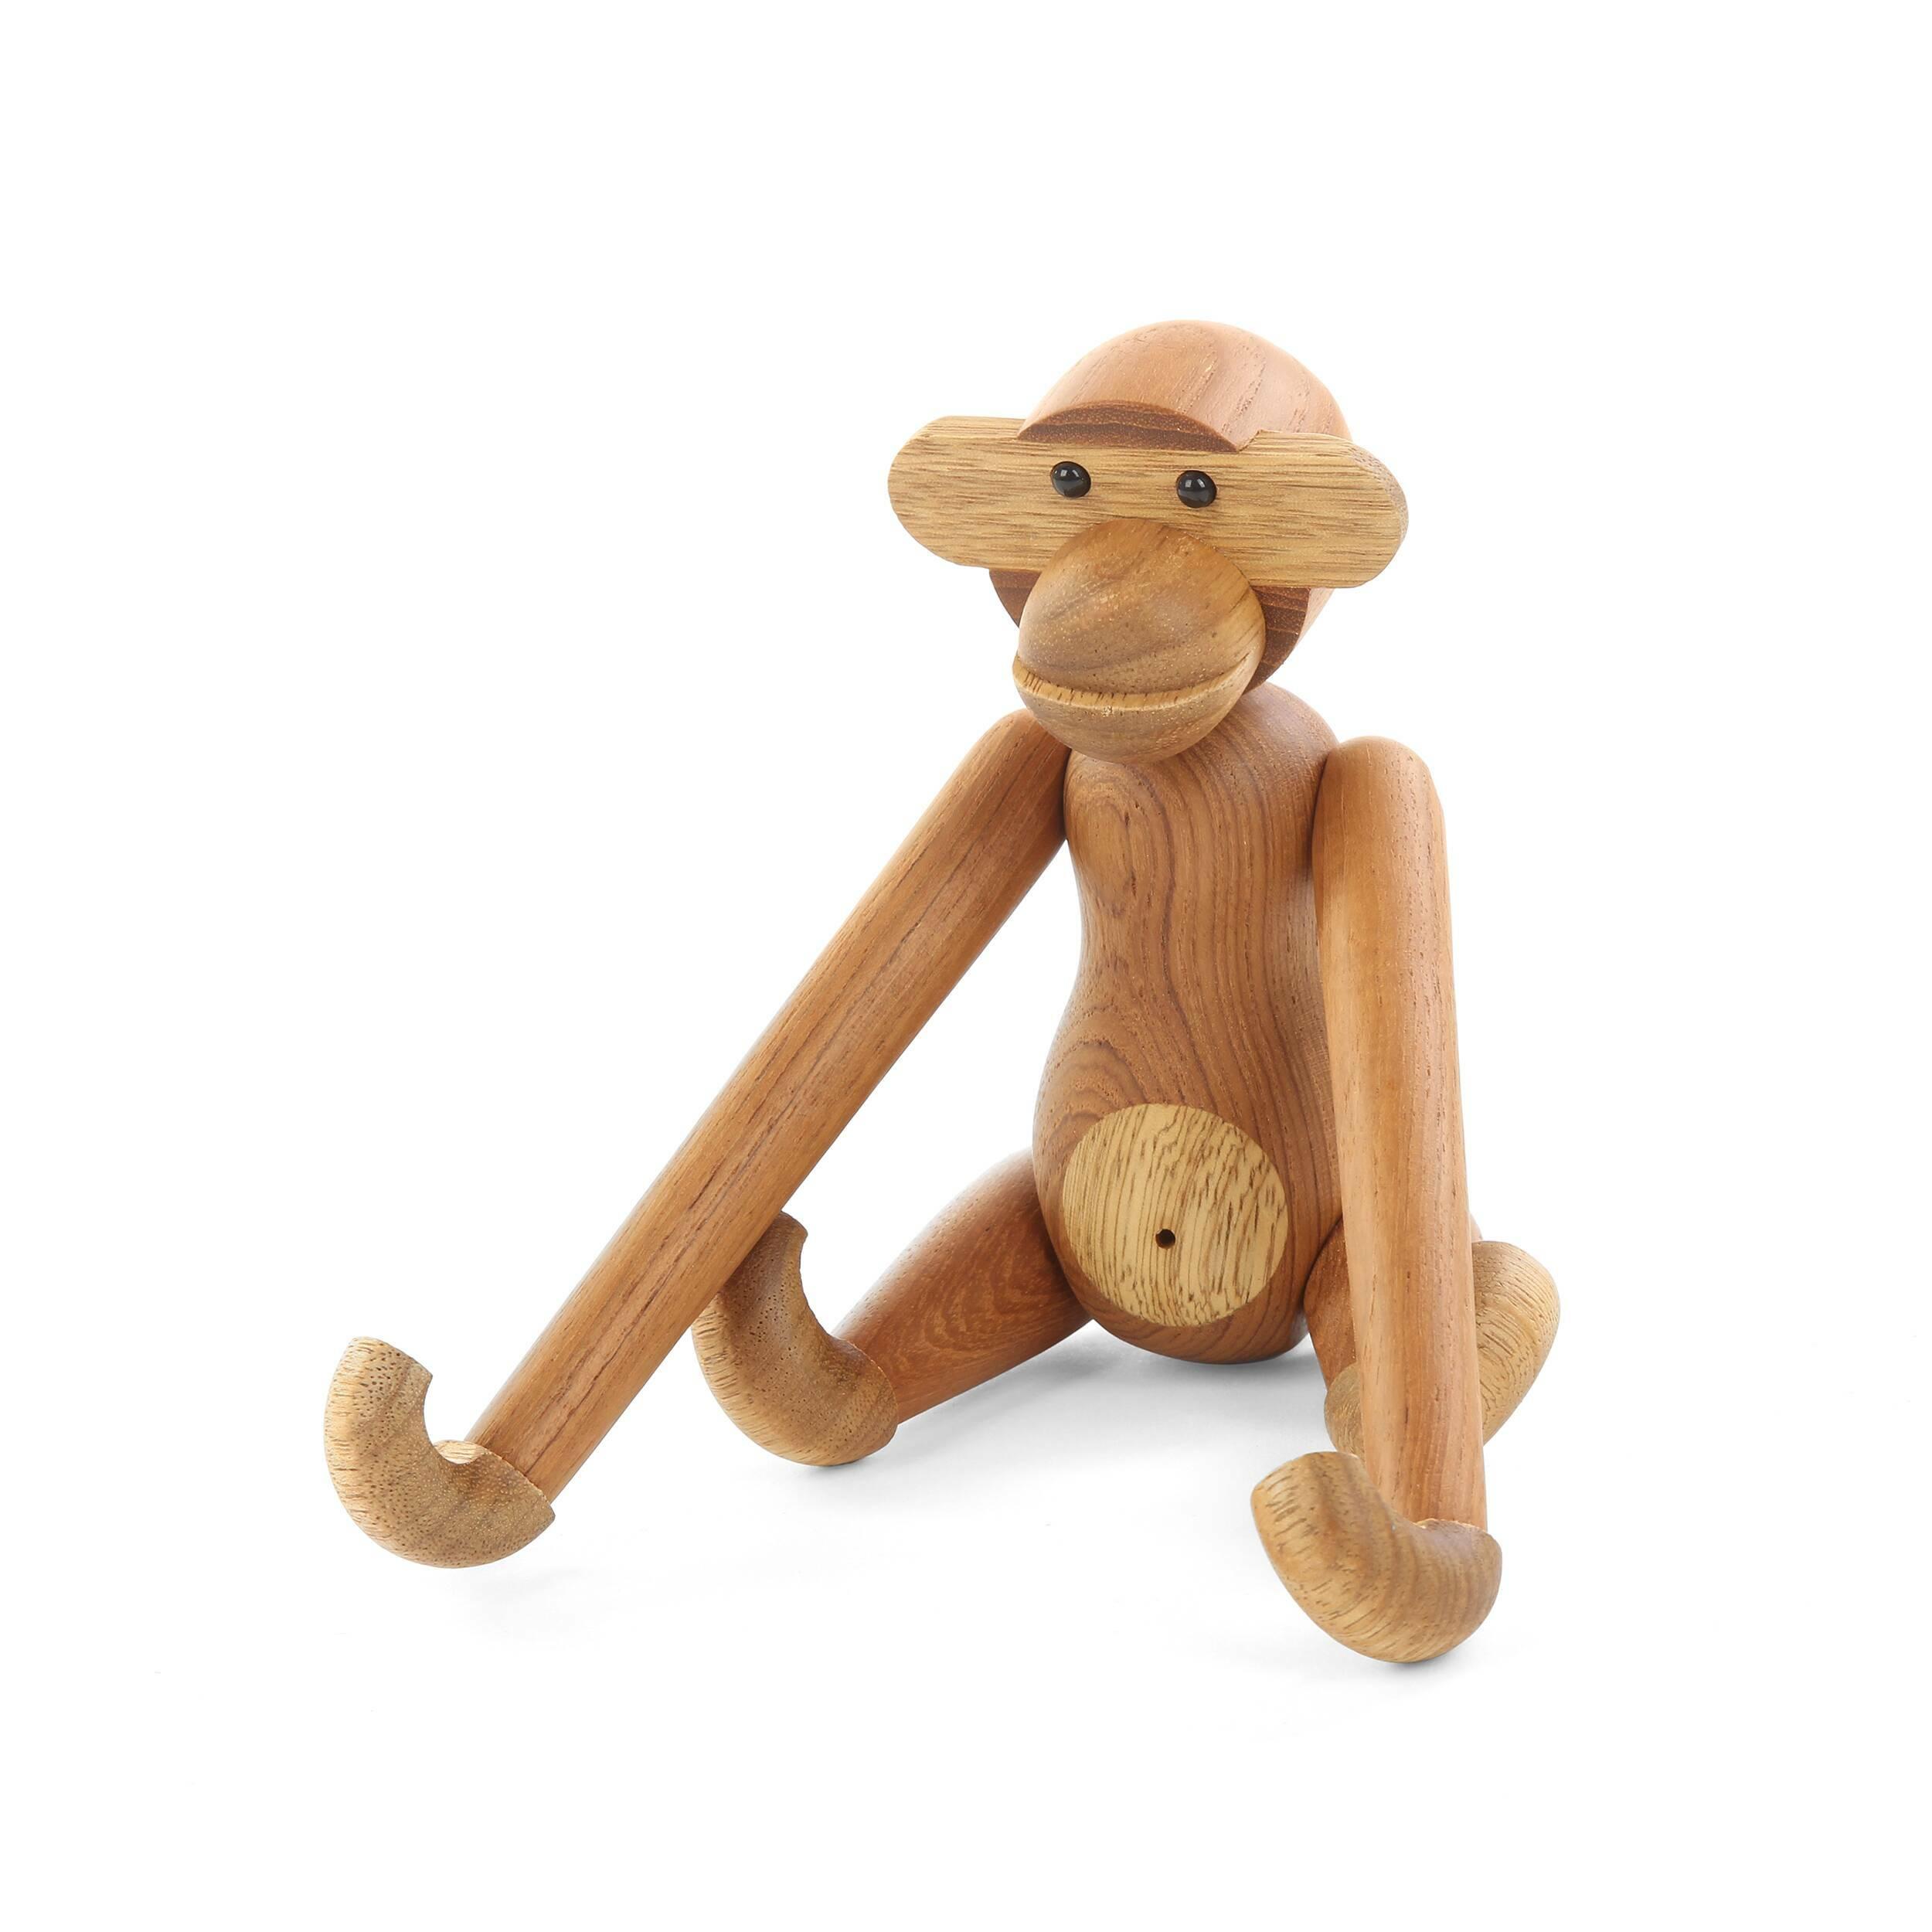 Статуэтка Pensive MonkeyНастольные<br>Хотите создать в помещении жизнерадостную и уютную атмосферу? Веселая дизайнерская статуэтка Pensive Monkey (Пэнсив Манки) станет замечательным «компаньоном». Фигурка обладает оригинальным оформлением и будет радовать всех ваших домочадцев и гостей.<br><br><br> Еще один несомненный плюс этой модели – это материал, который дизайнеры выбрали для ее создания. Экзотичный массив тика отличается экологичностью, высокой степенью прочности и очень красивым золотистым цветом и текстурой.<br><br><br> Эта ста...<br><br>stock: 17<br>Материал: Массив тика<br>Цвет: Коричневый<br>Длина: 20